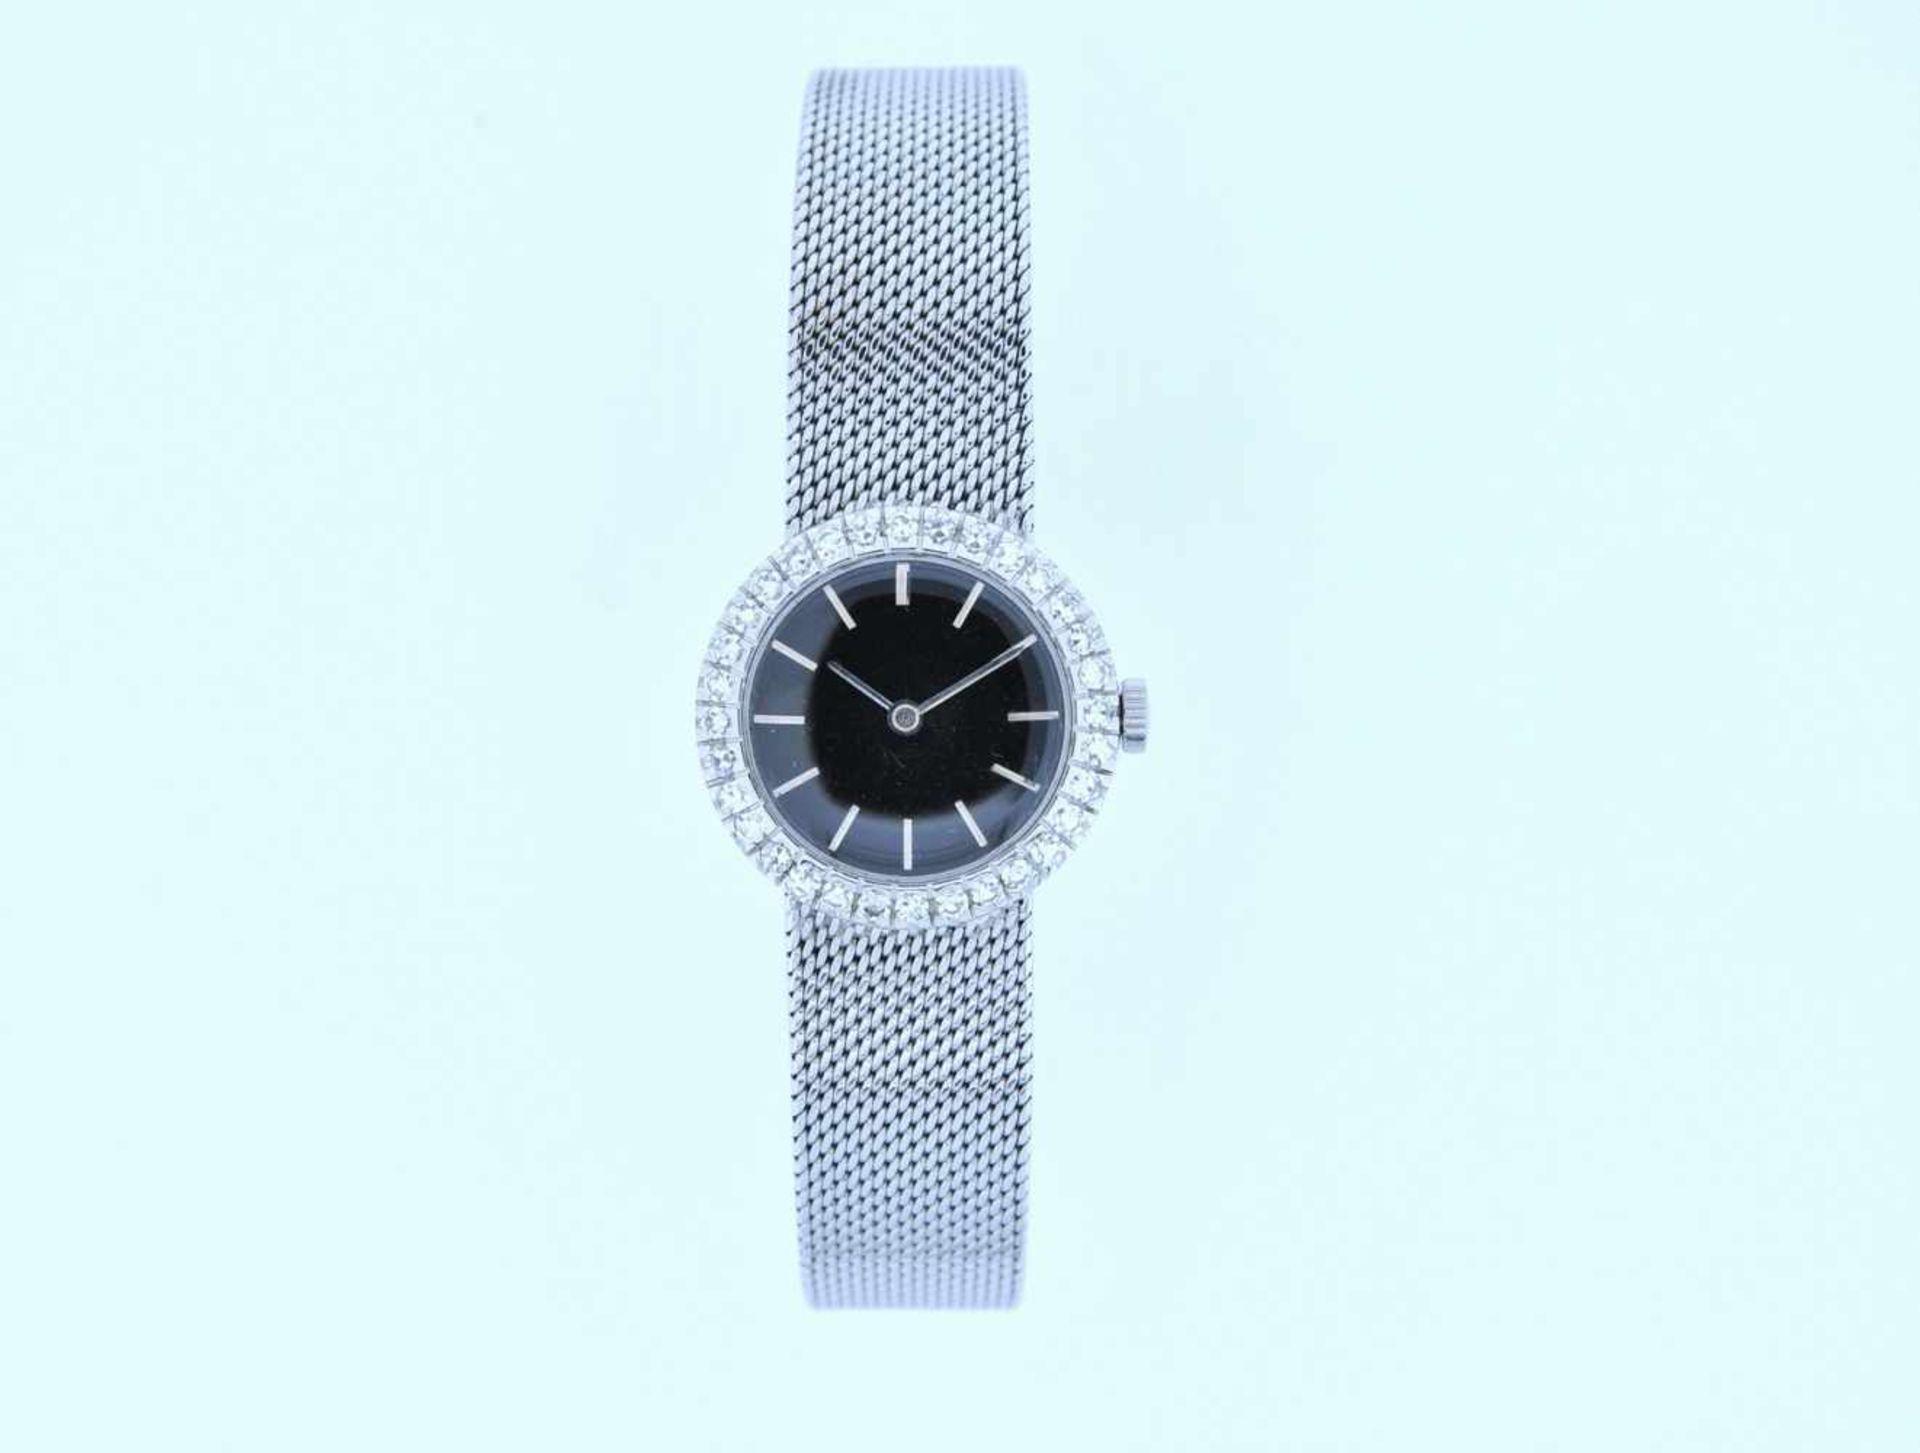 Los 12 - Damenuhr Weißgoldene Damenuhr mit Achtkantdiamanten, zus.ca. 0,5 ct, Handaufzug, Ankerwerk, Länge